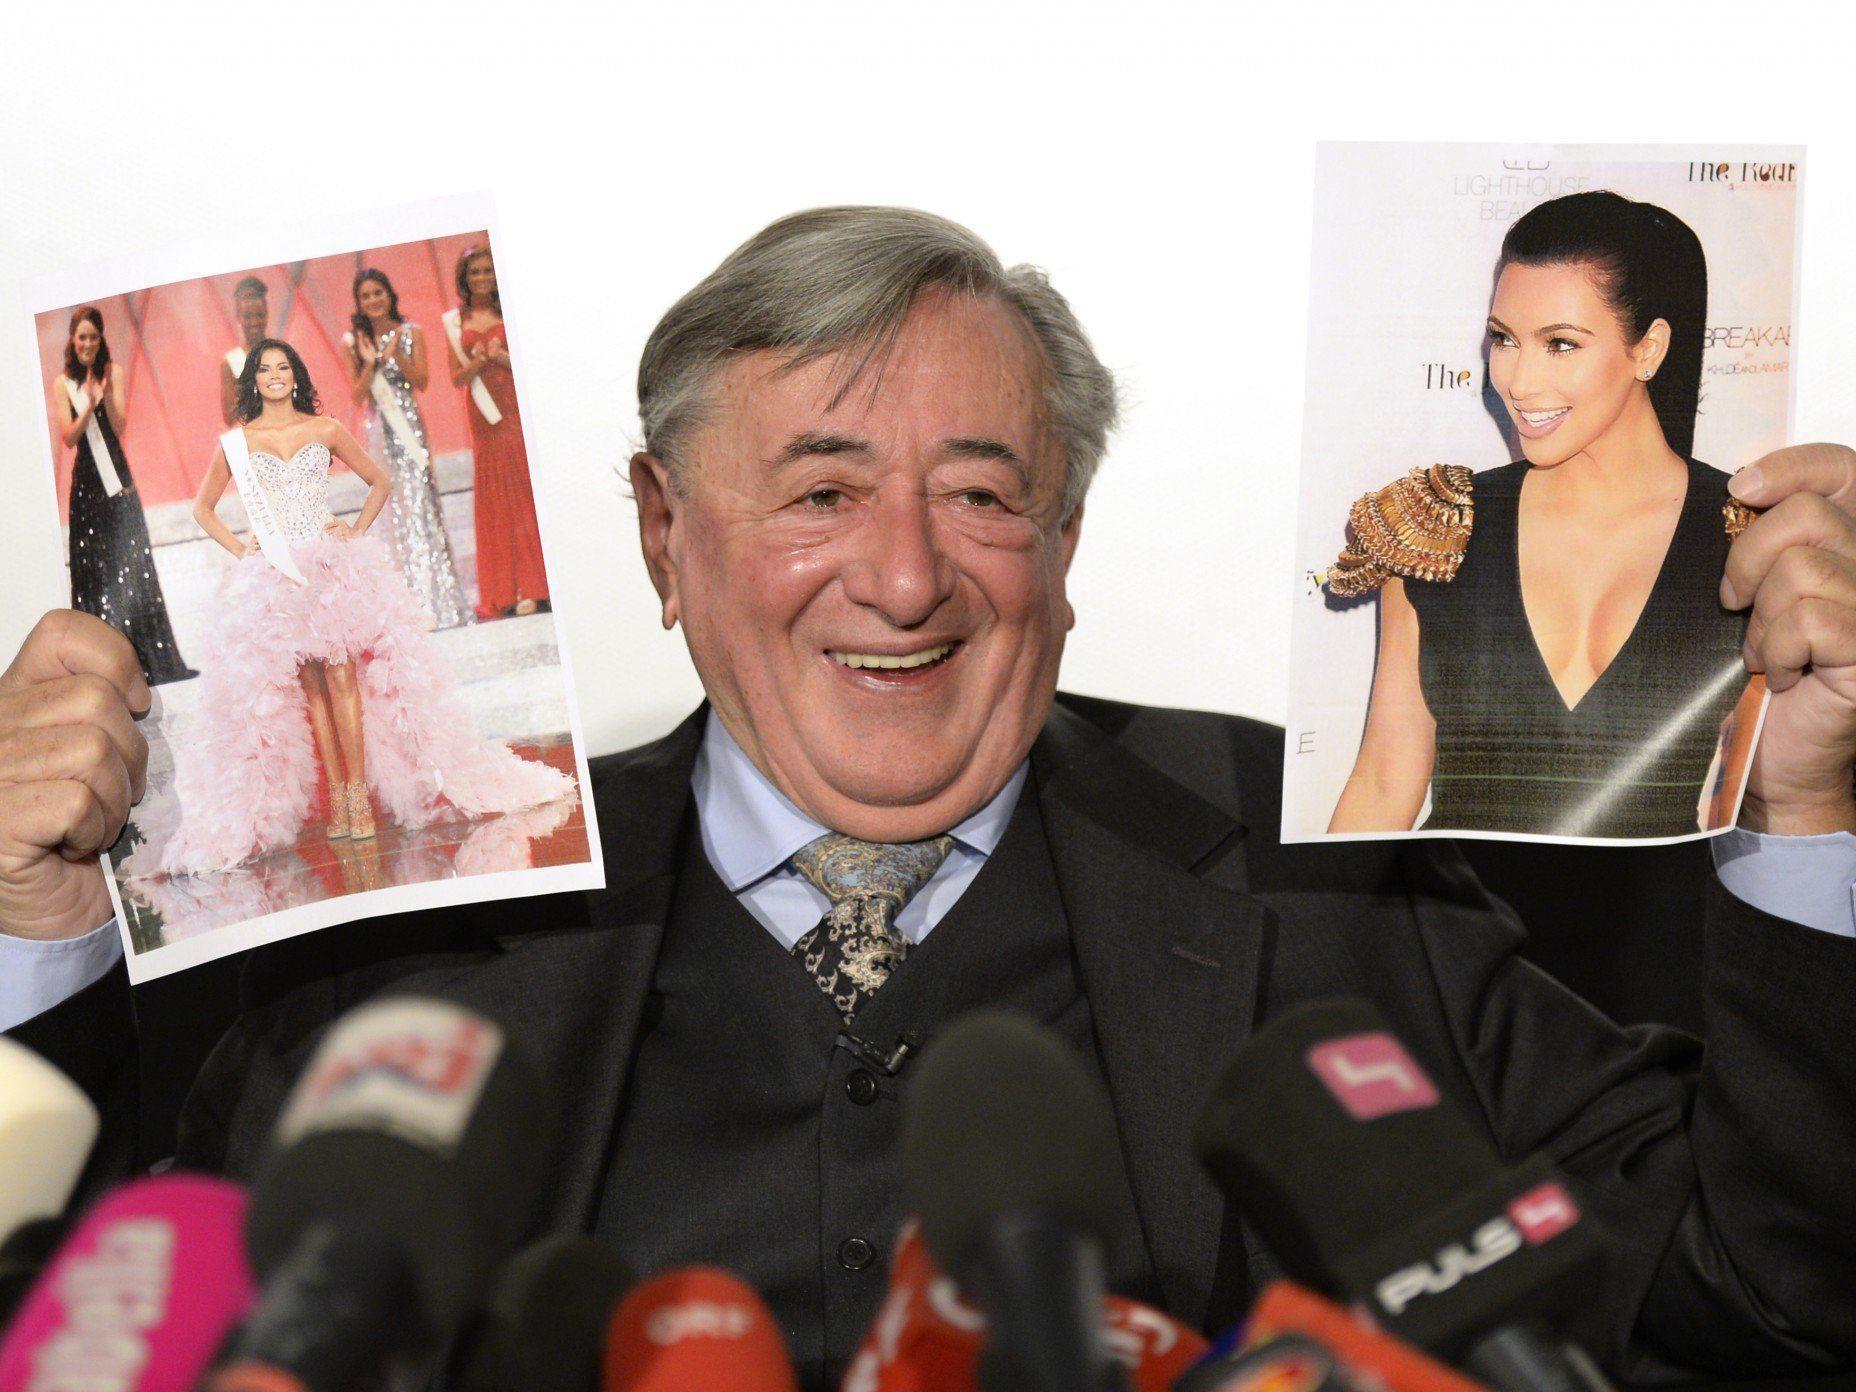 Richard Lugner freut sich auf Kim Kardashian, die ihn auf den Opernball 2014 begleiten wird.